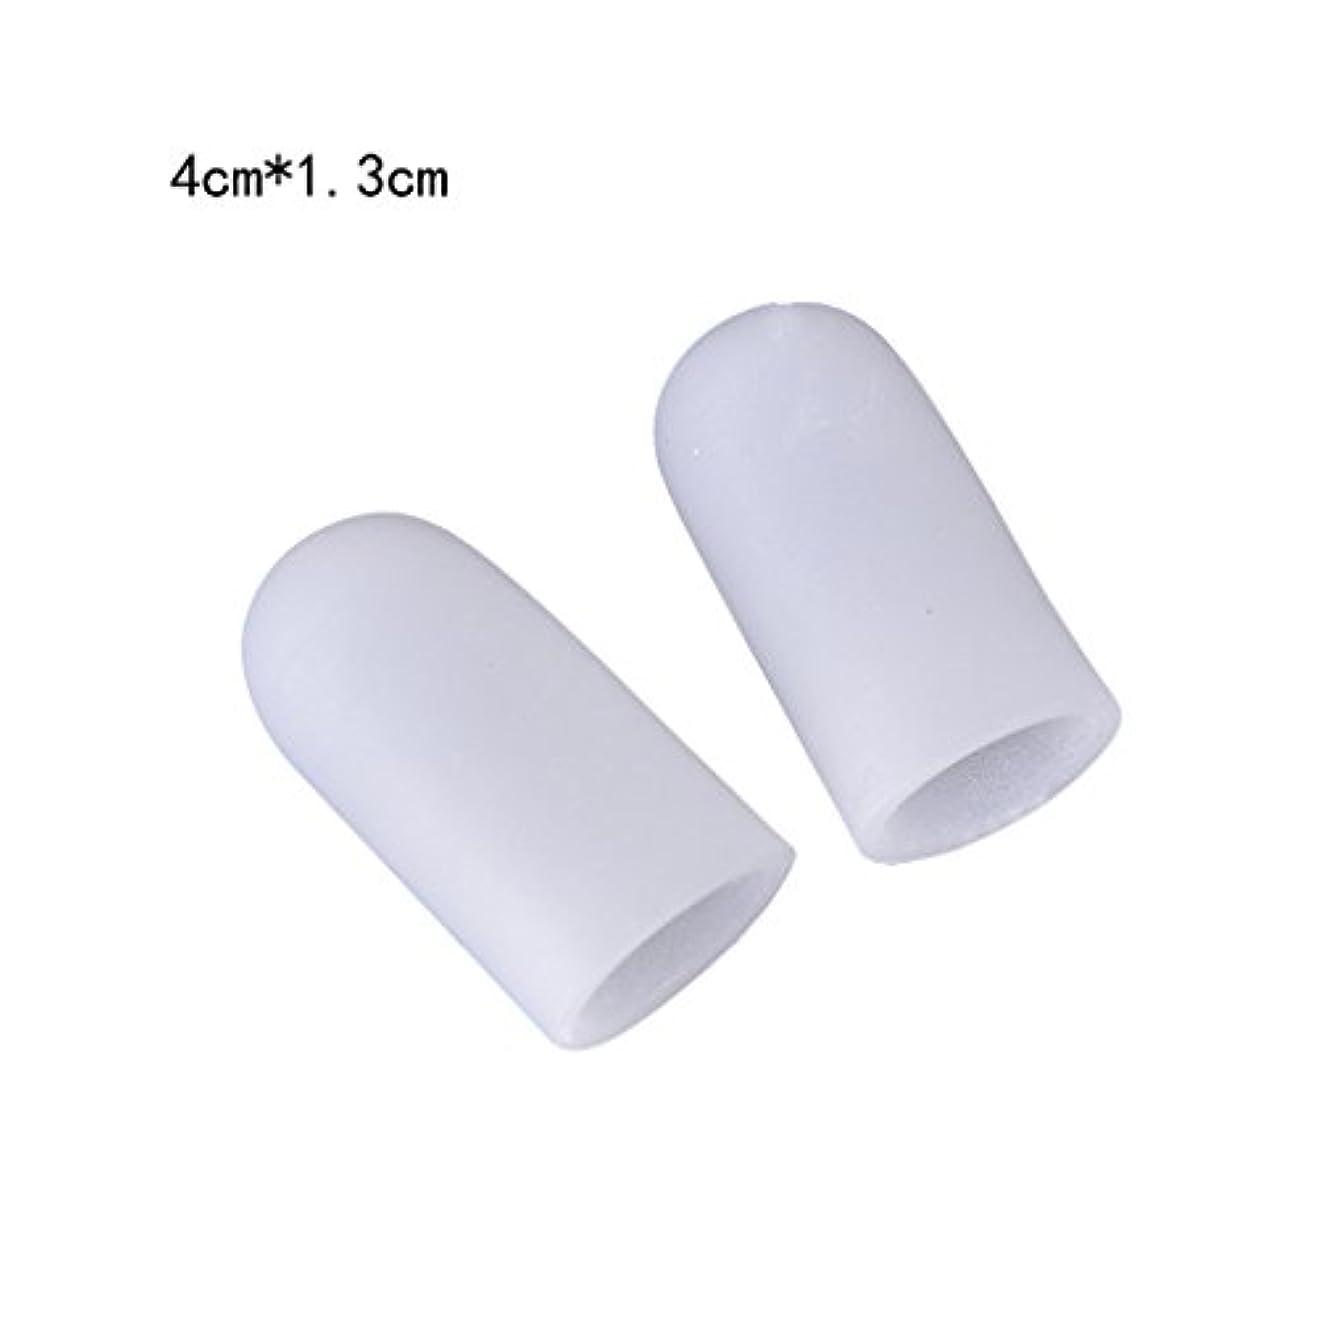 ヘアケニア敏感なYOKEL 足指保護キャップ つま先プロテクター 足先のつめ保護キャップ シリコン (S)